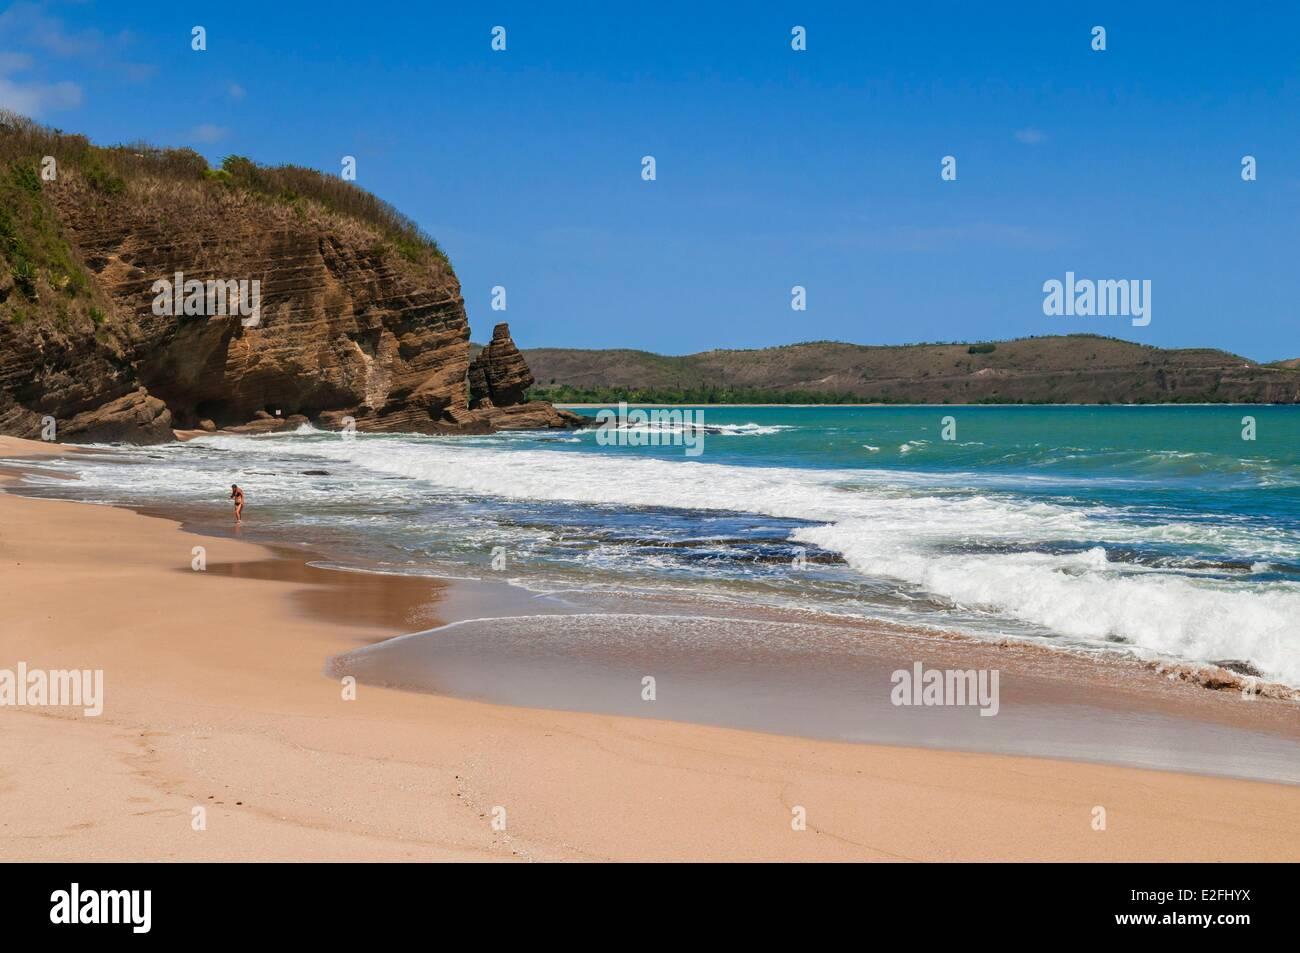 Francia, Nueva Caledonia, Grande Terre, la costa oeste, región de Bourail Bourail, playa y roca Foto de stock